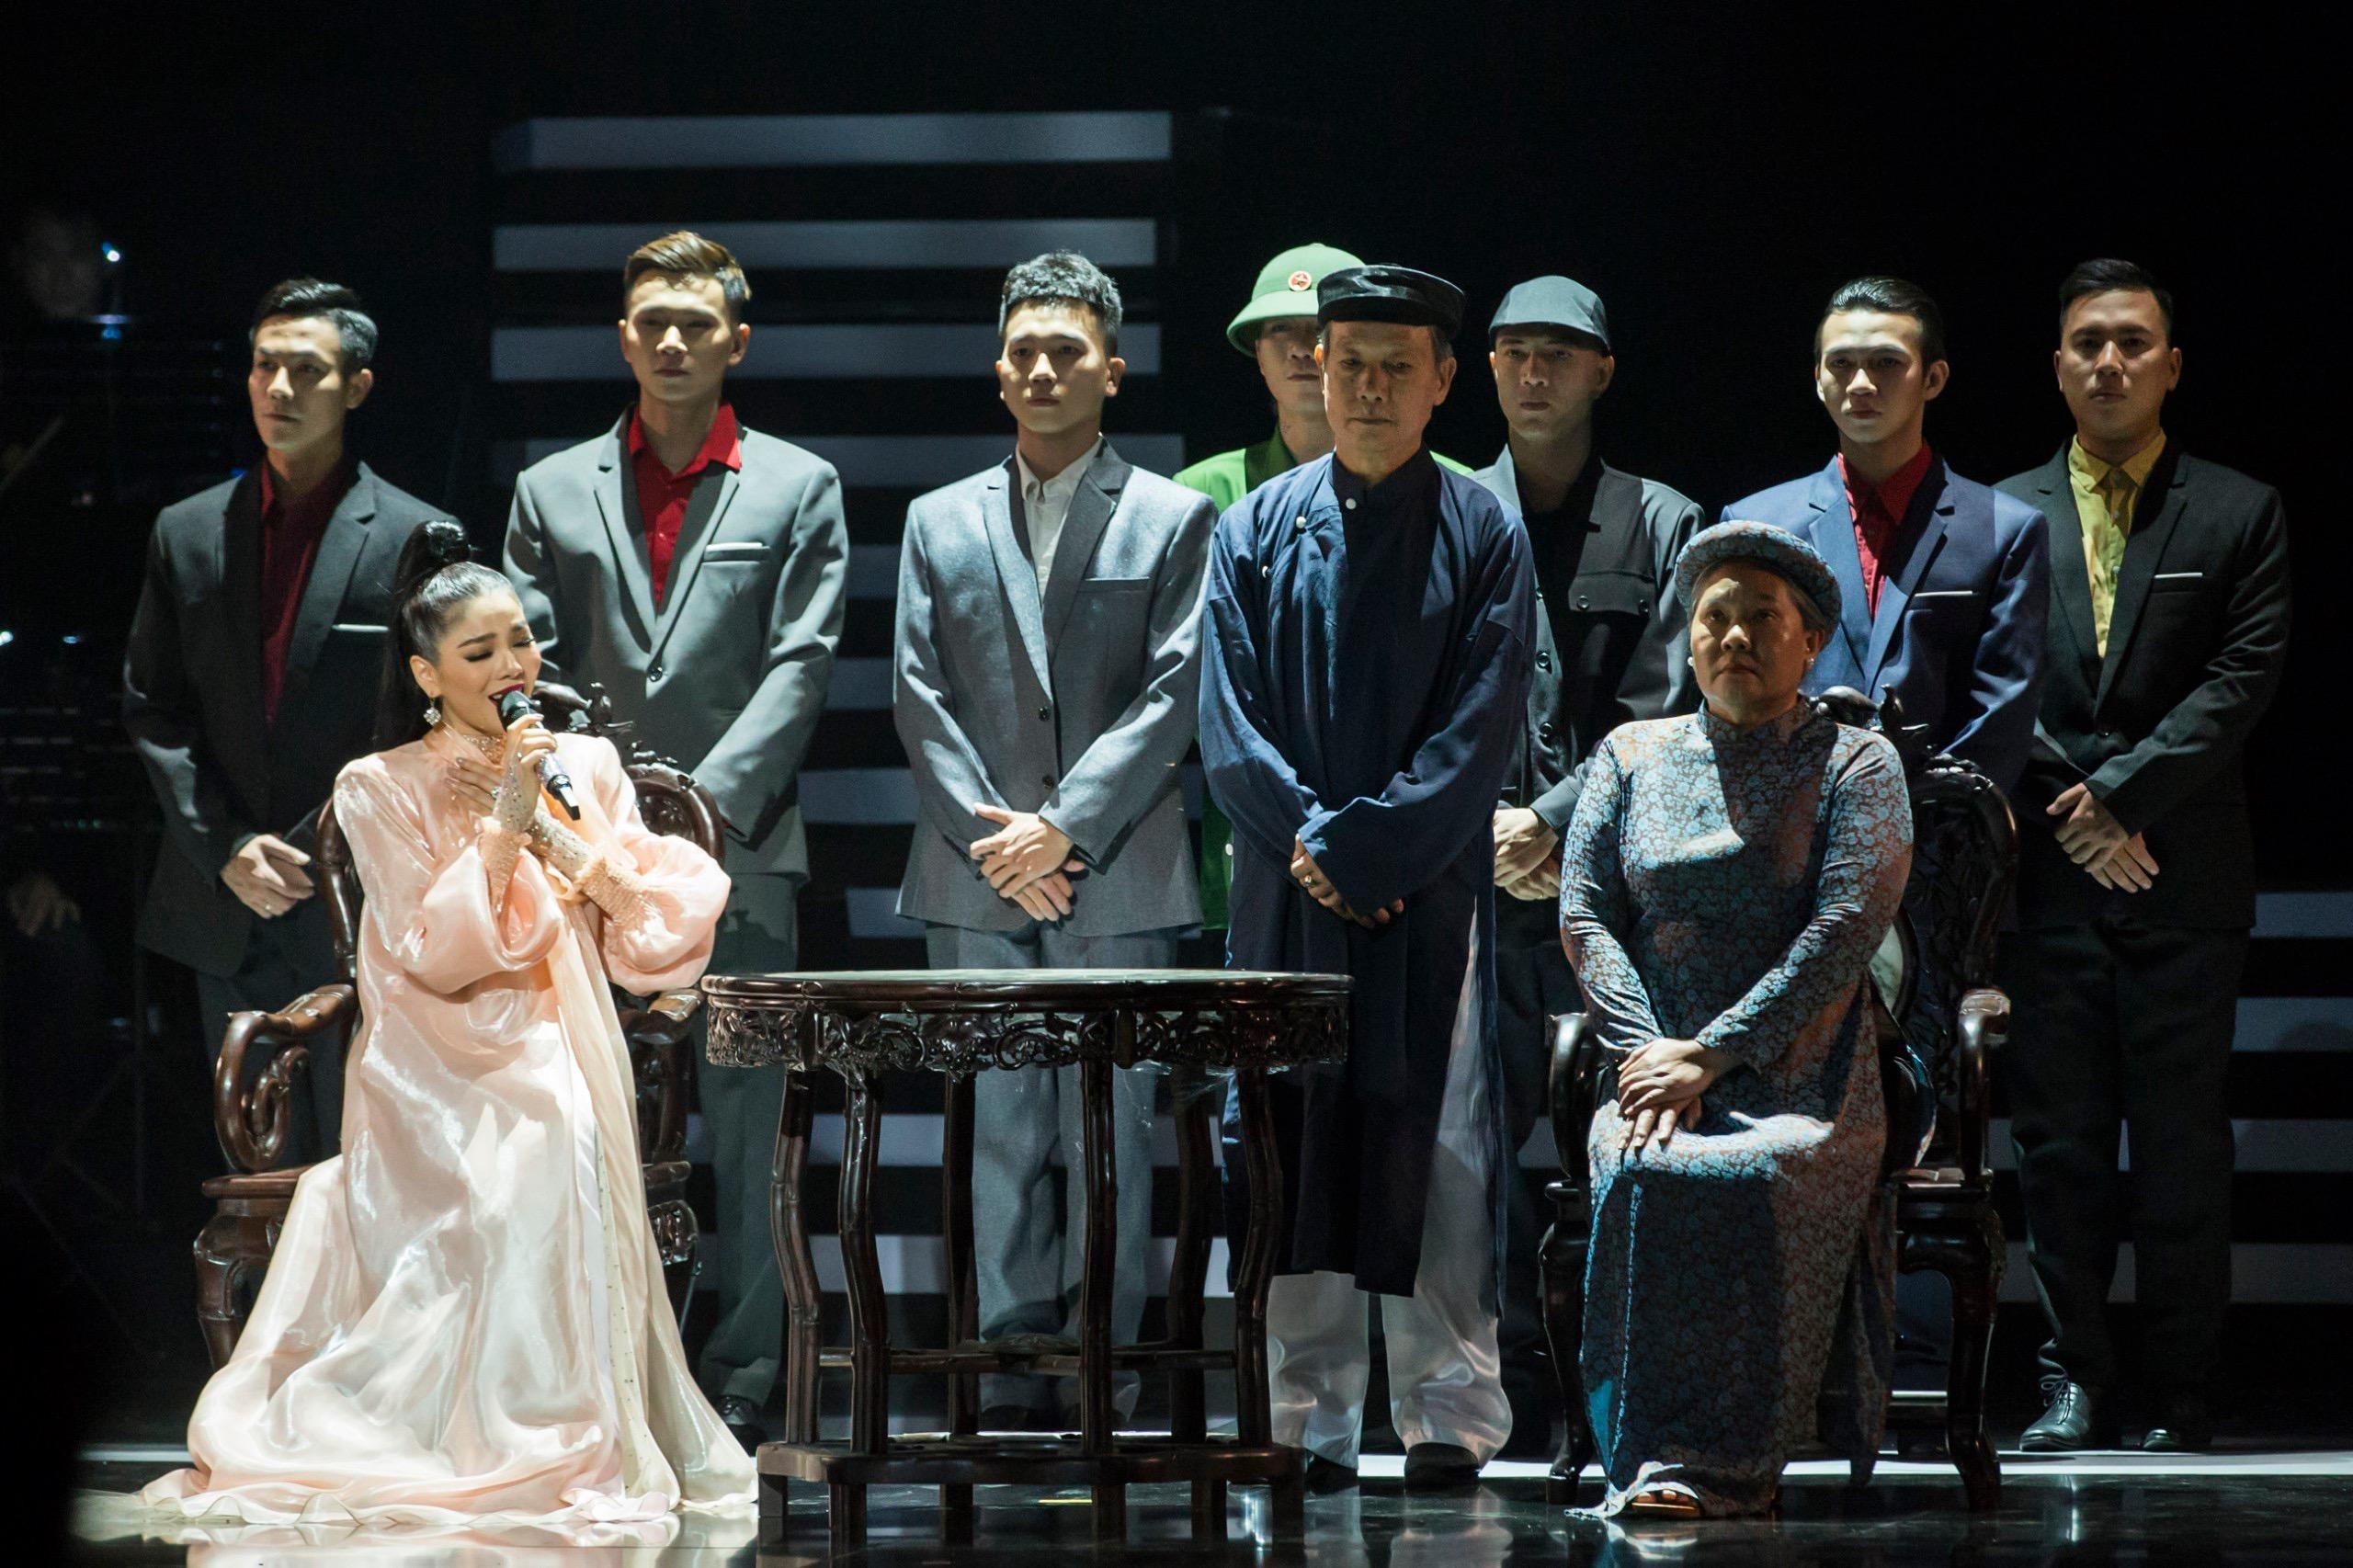 """Khán giả """"nổi da gà"""" xem Lệ Quyên hát chầu văn cùng mẹ trên sân khấu Q SHOW 2 - Ảnh 4"""